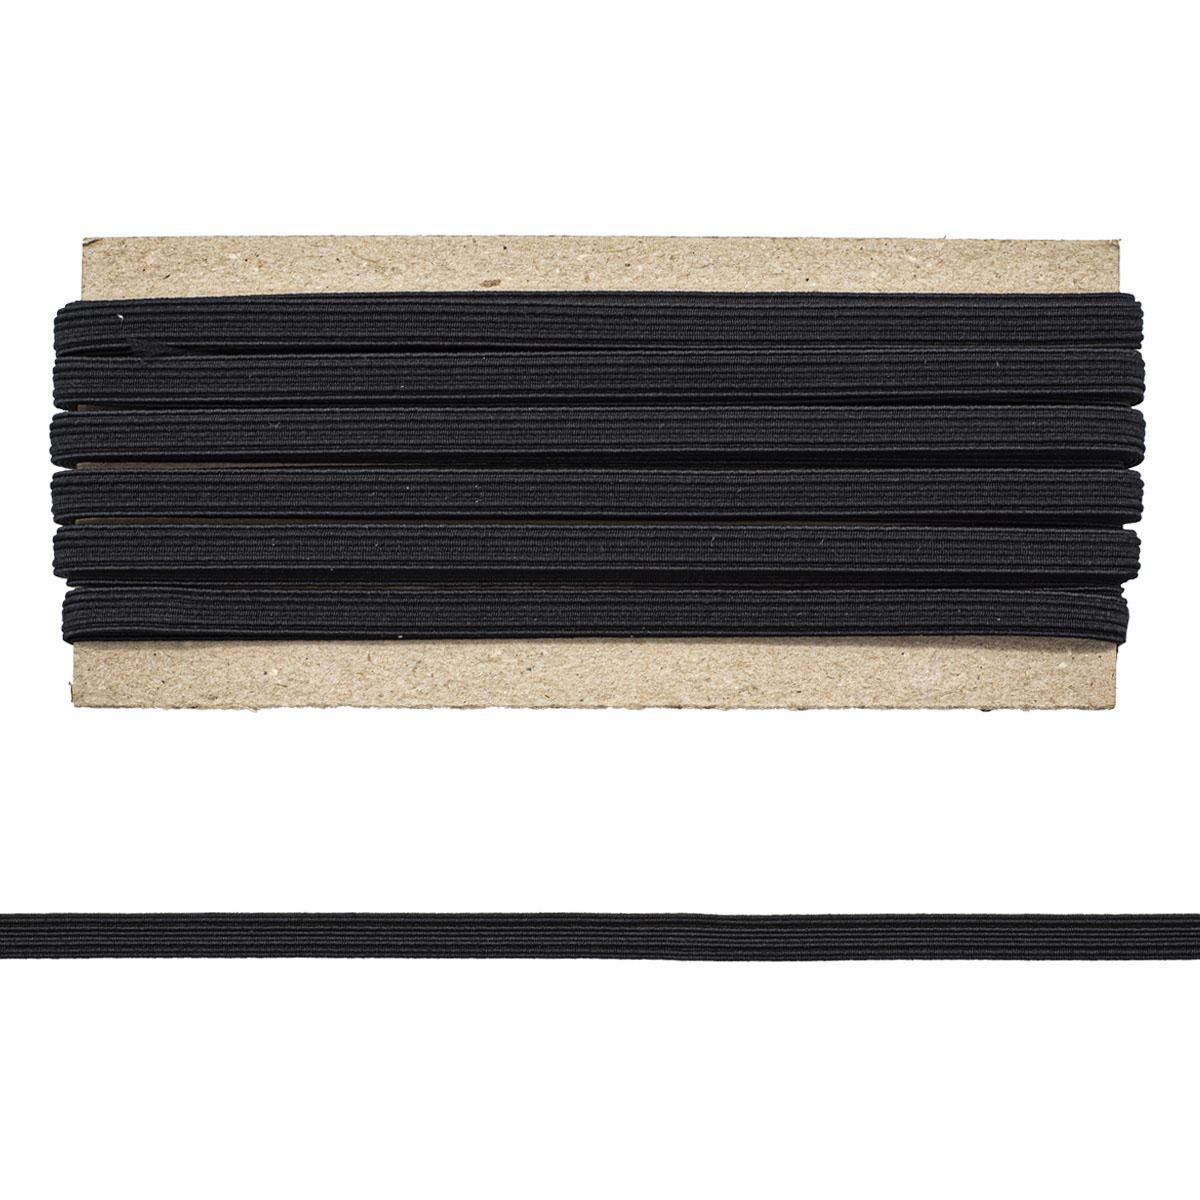 1С27 Тесьма эластичная 8мм 10м черная (Мн)